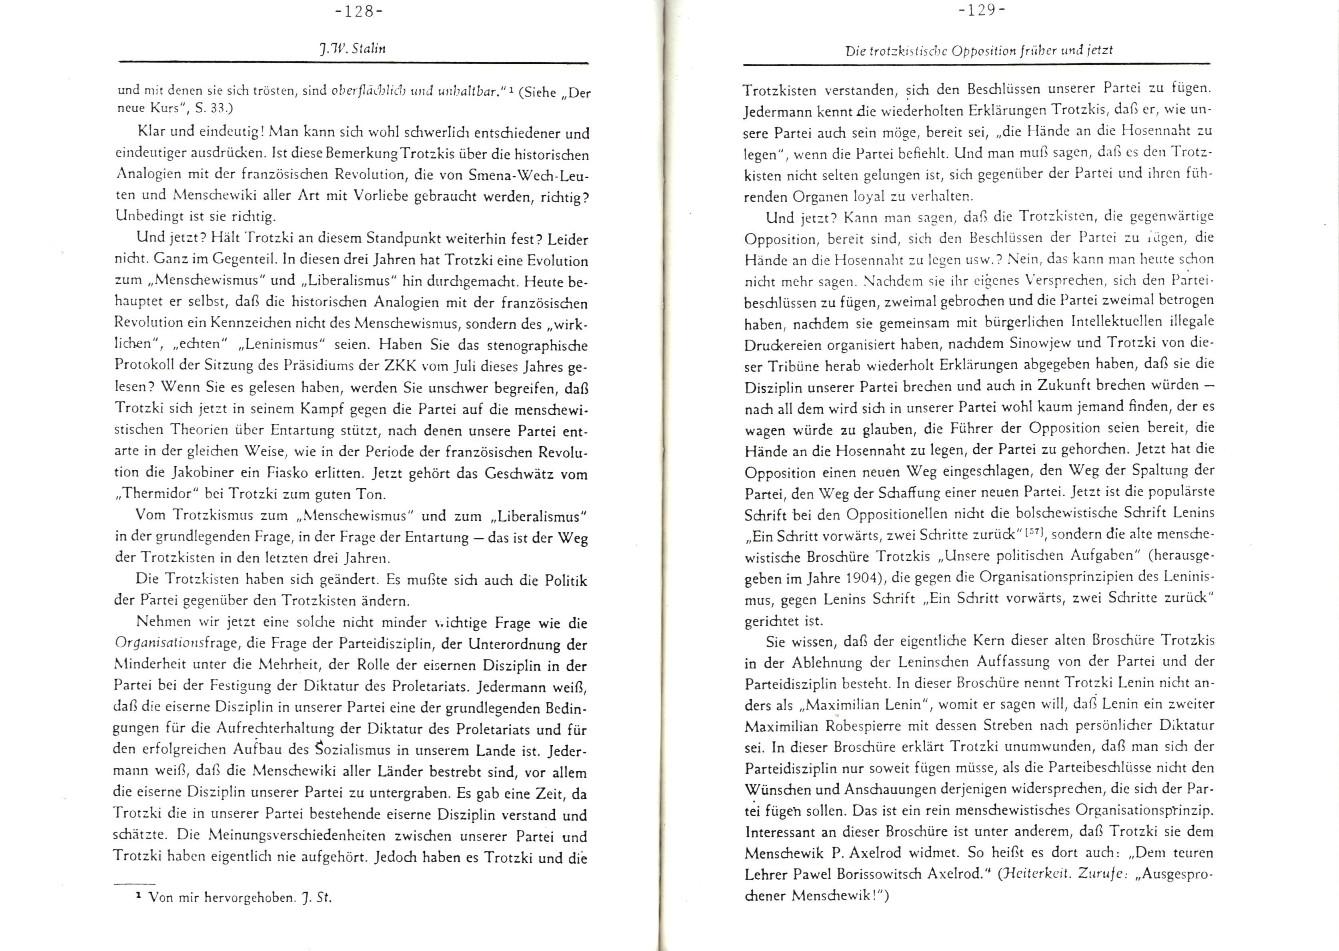 MLSK_Theorie_und_Praxis_des_ML_1979_25_65